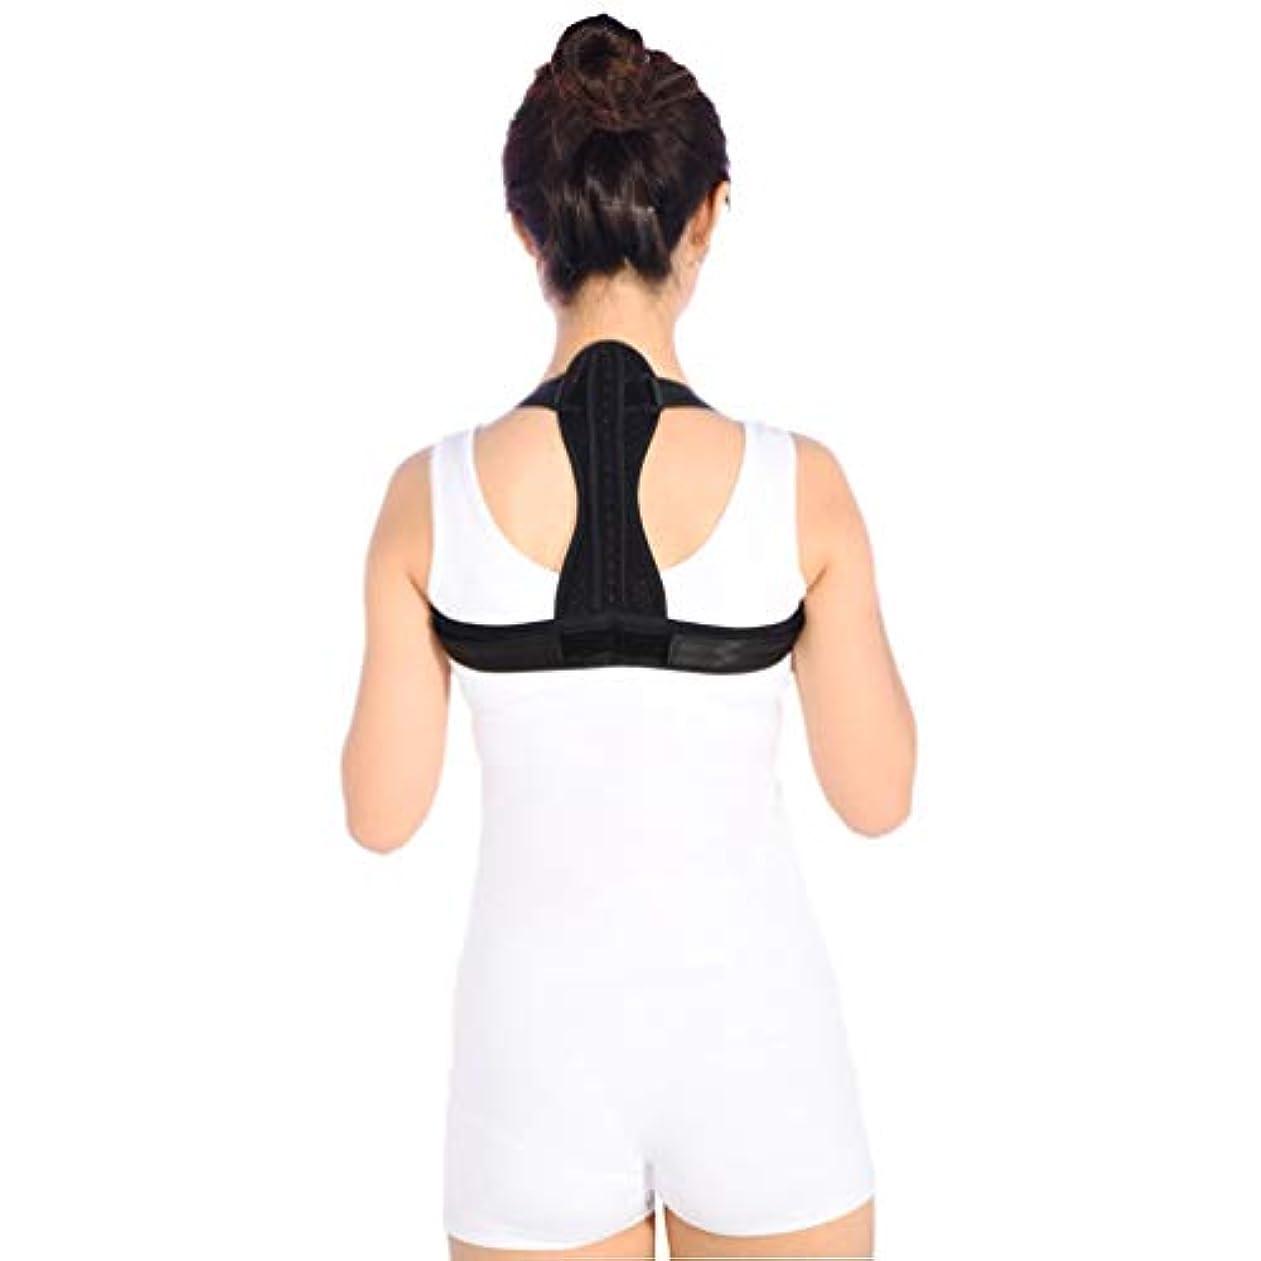 午後委員長球体通気性の脊柱側弯症ザトウクジラ補正ベルト調節可能な快適さ目に見えないベルト男性女性大人学生子供 - 黒